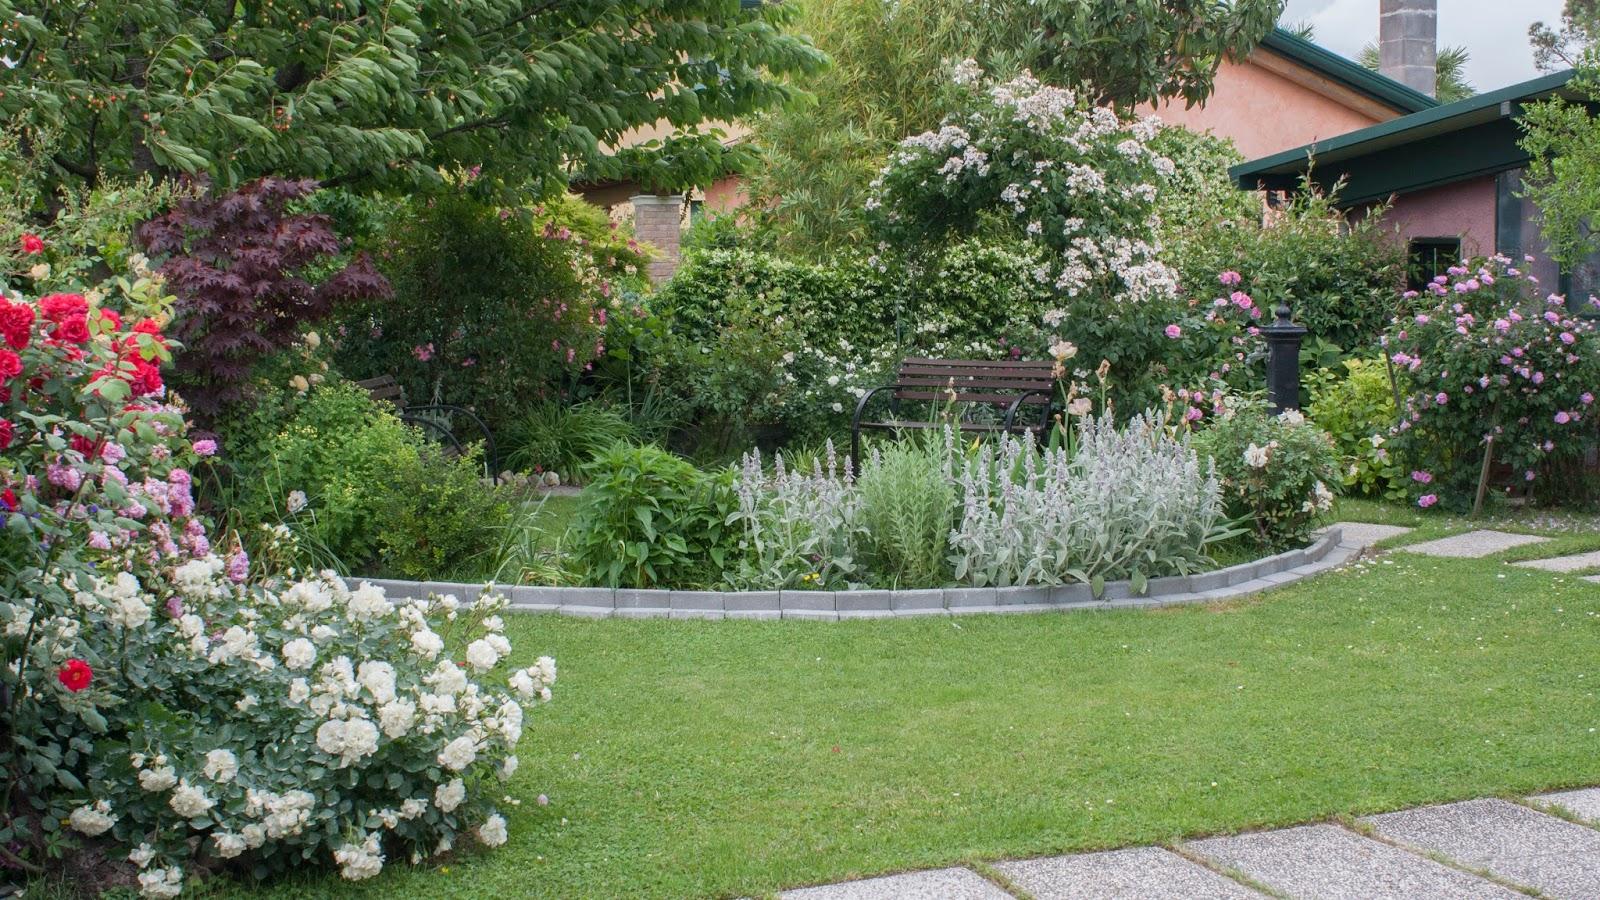 Il piccolo giardino di l rose rose e rose in una - Giardino con rose ...